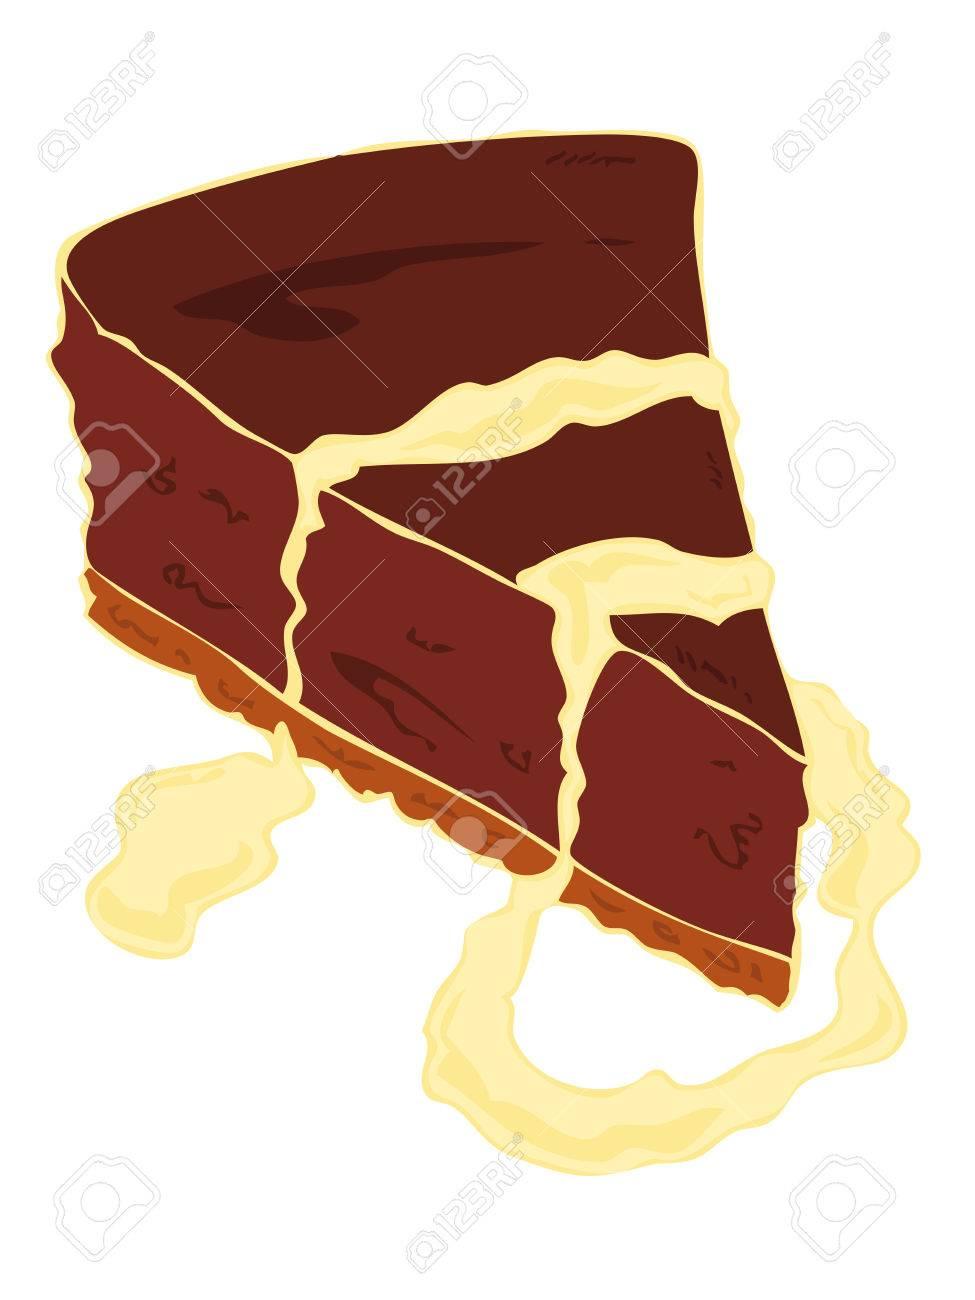 Gateau au chocolat dessin